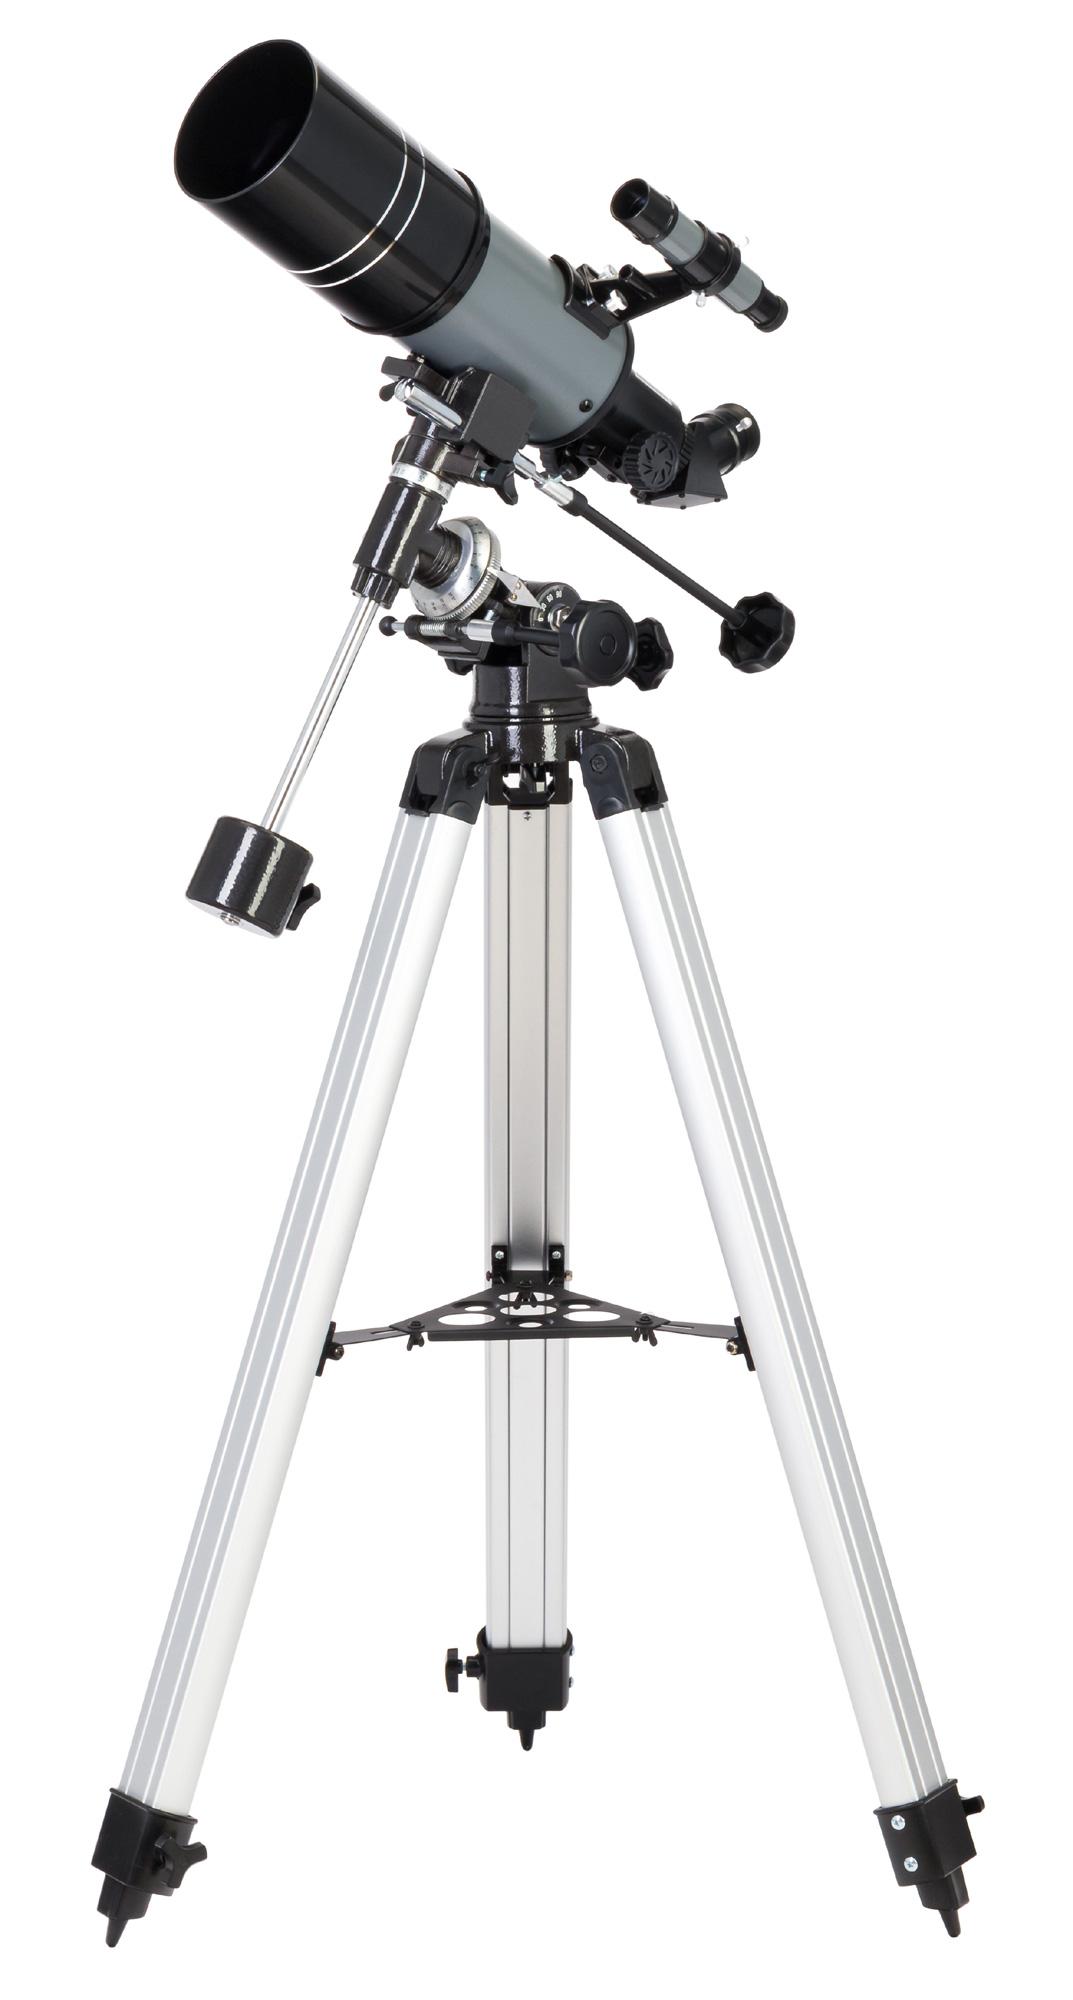 Картинка для Телескоп Levenhuk (Левенгук) Blitz 80s PLUS